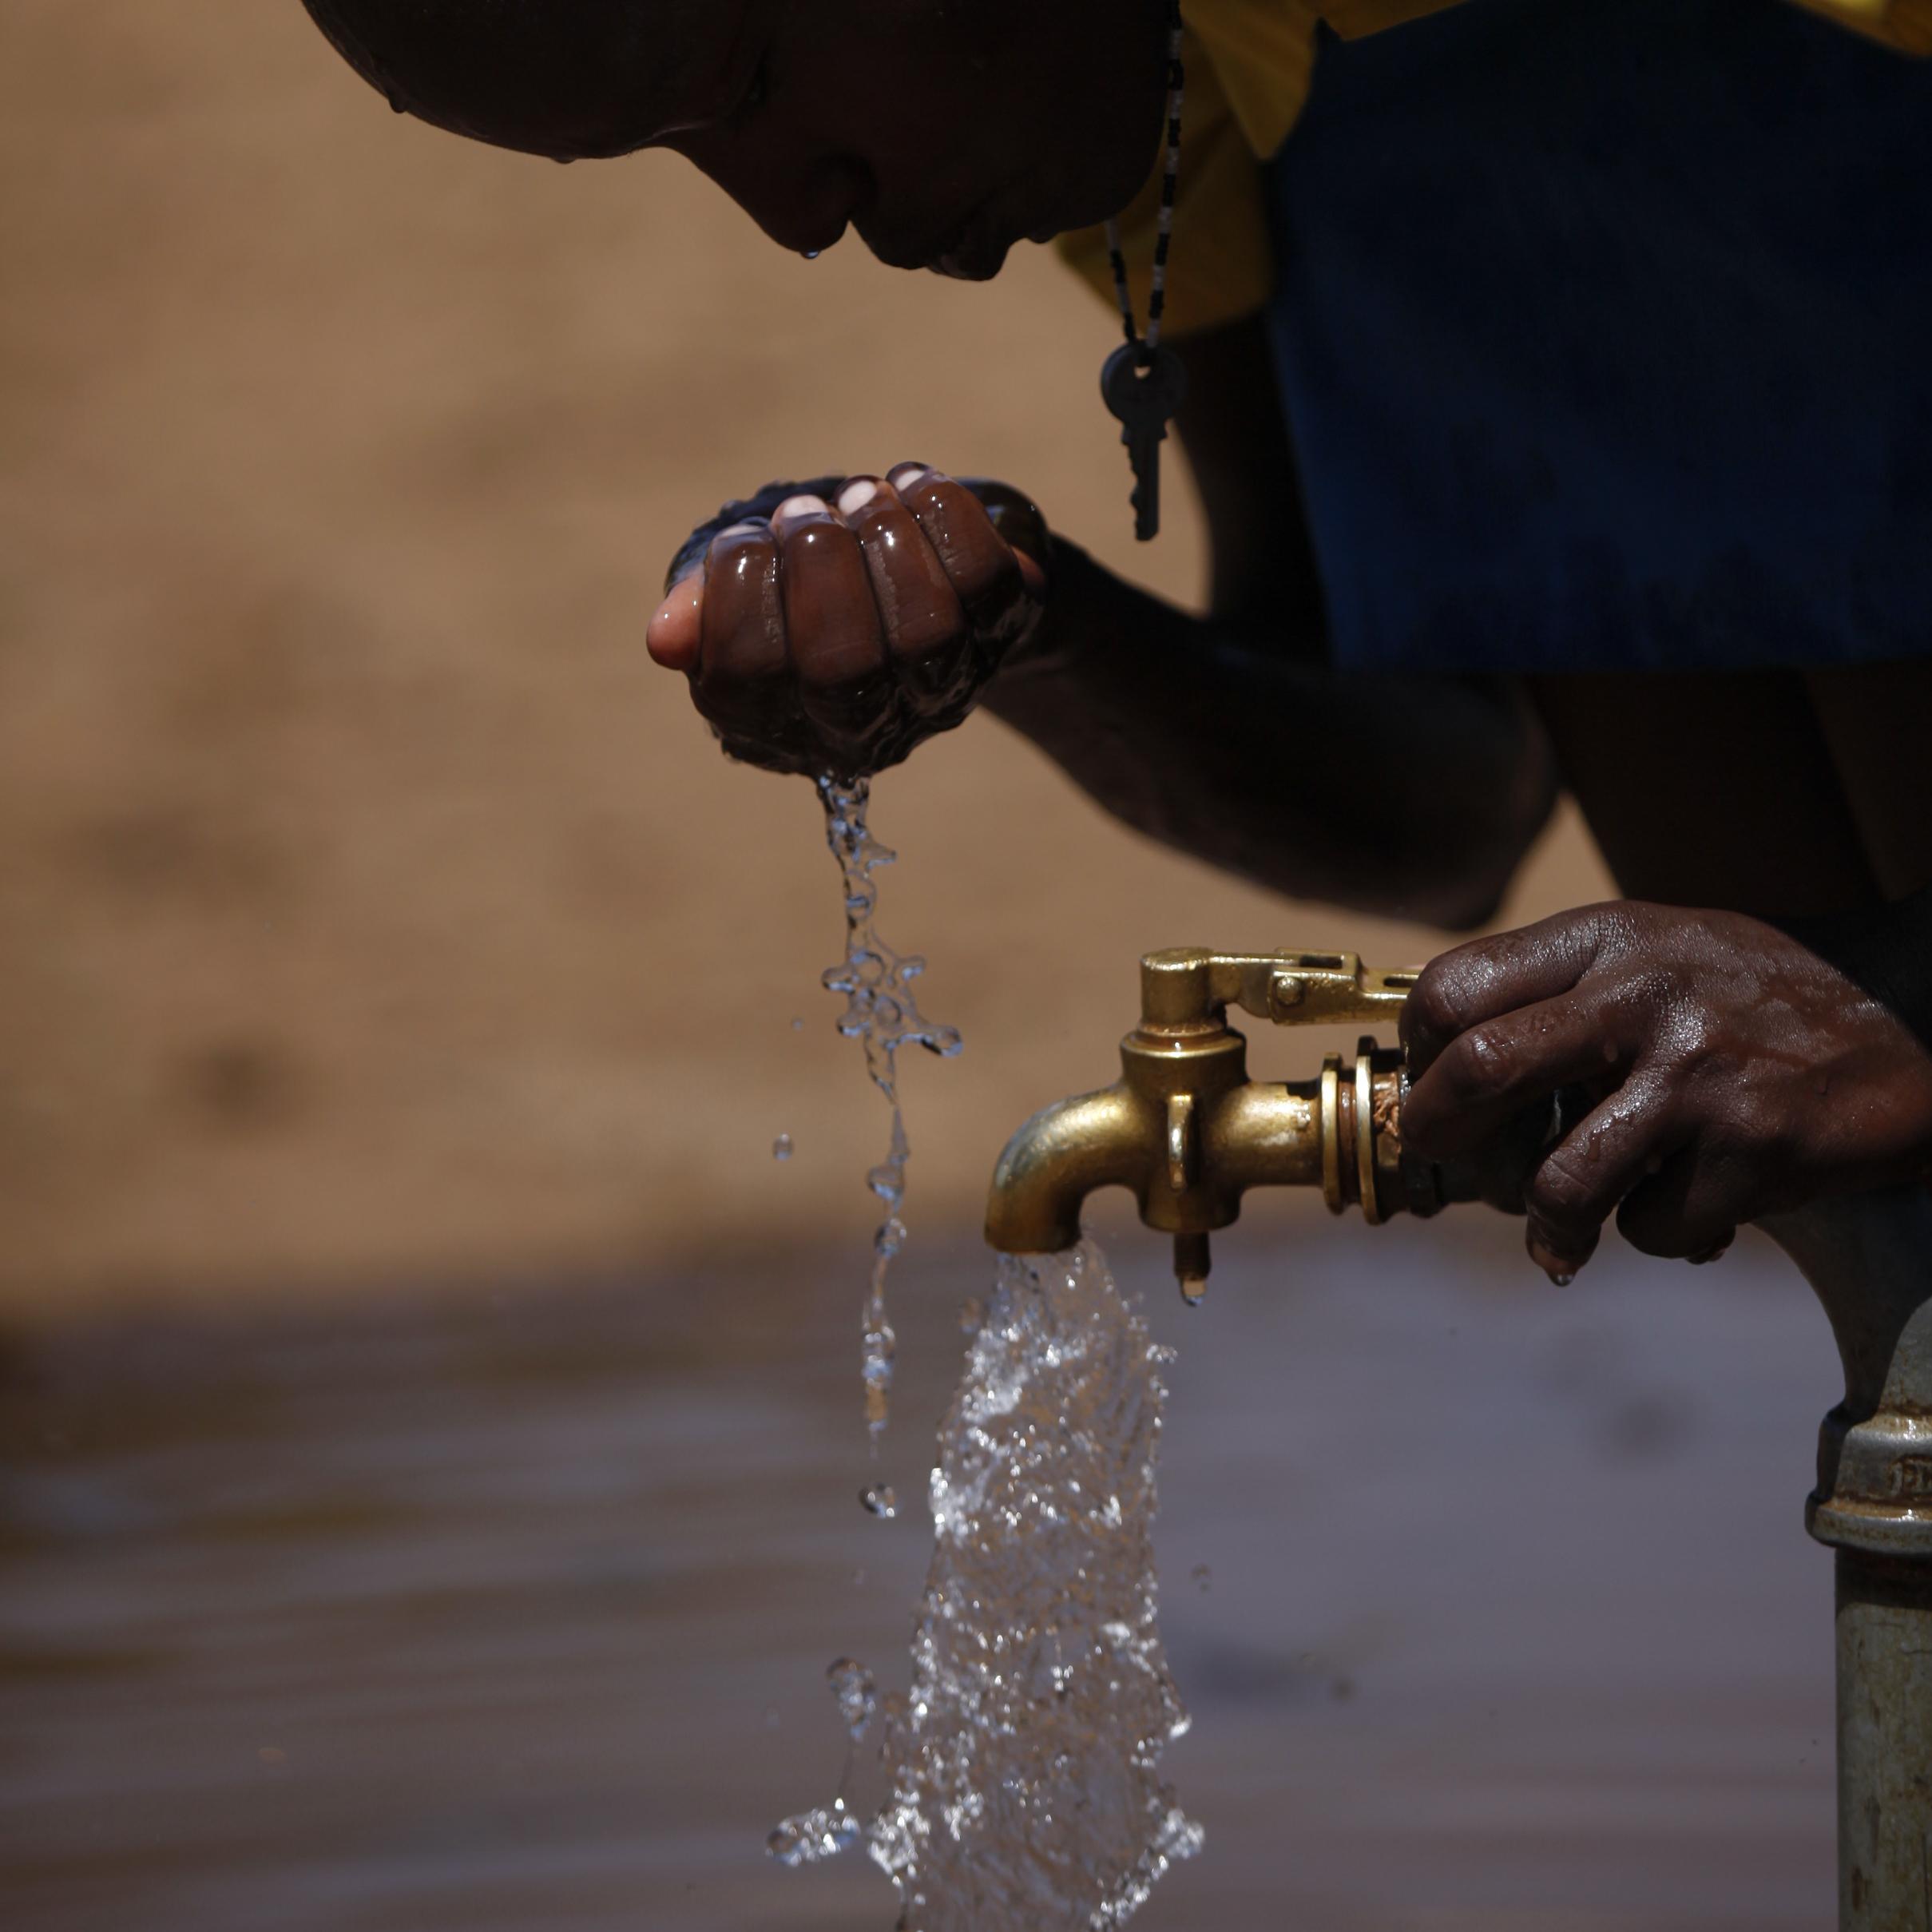 Kenya- little child drinking clean water